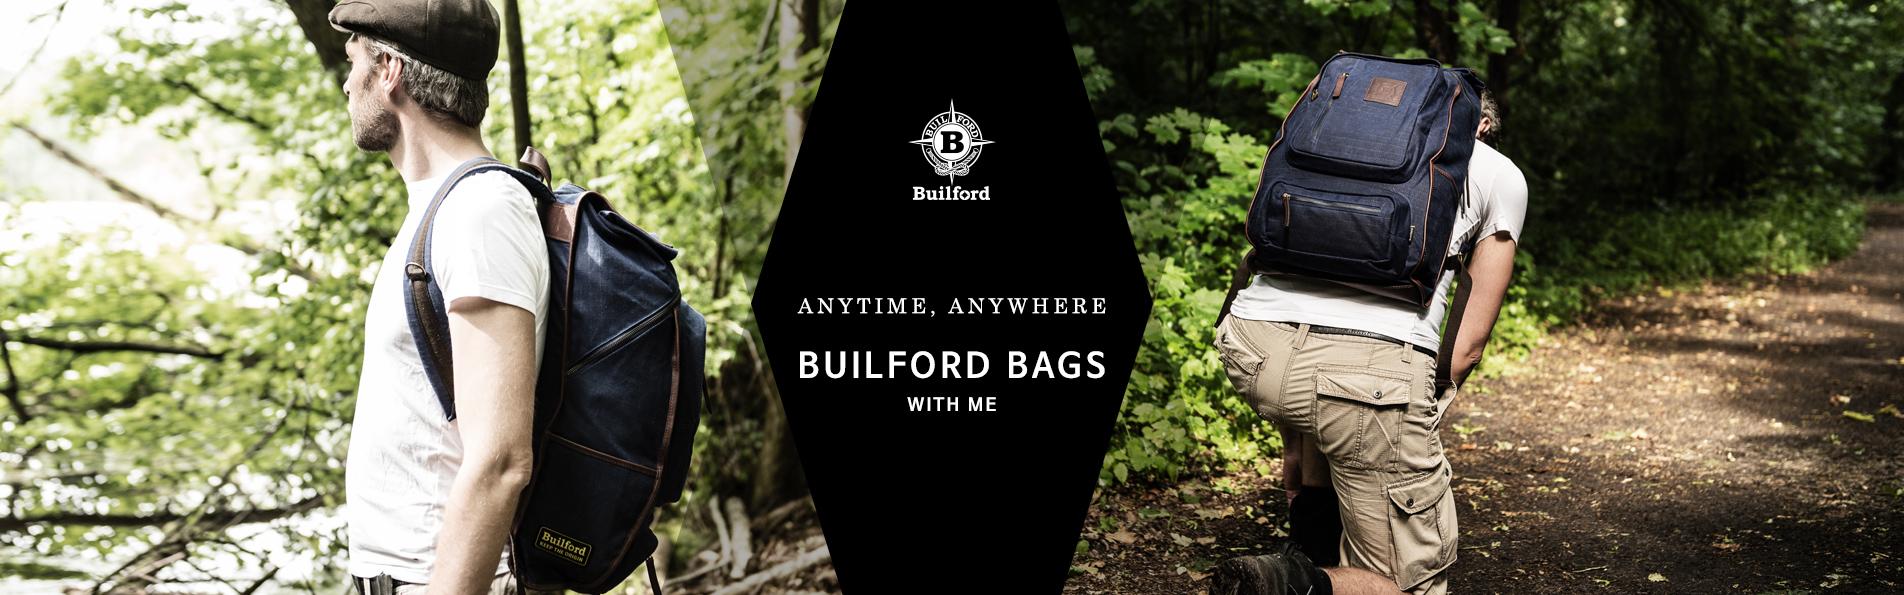 builford